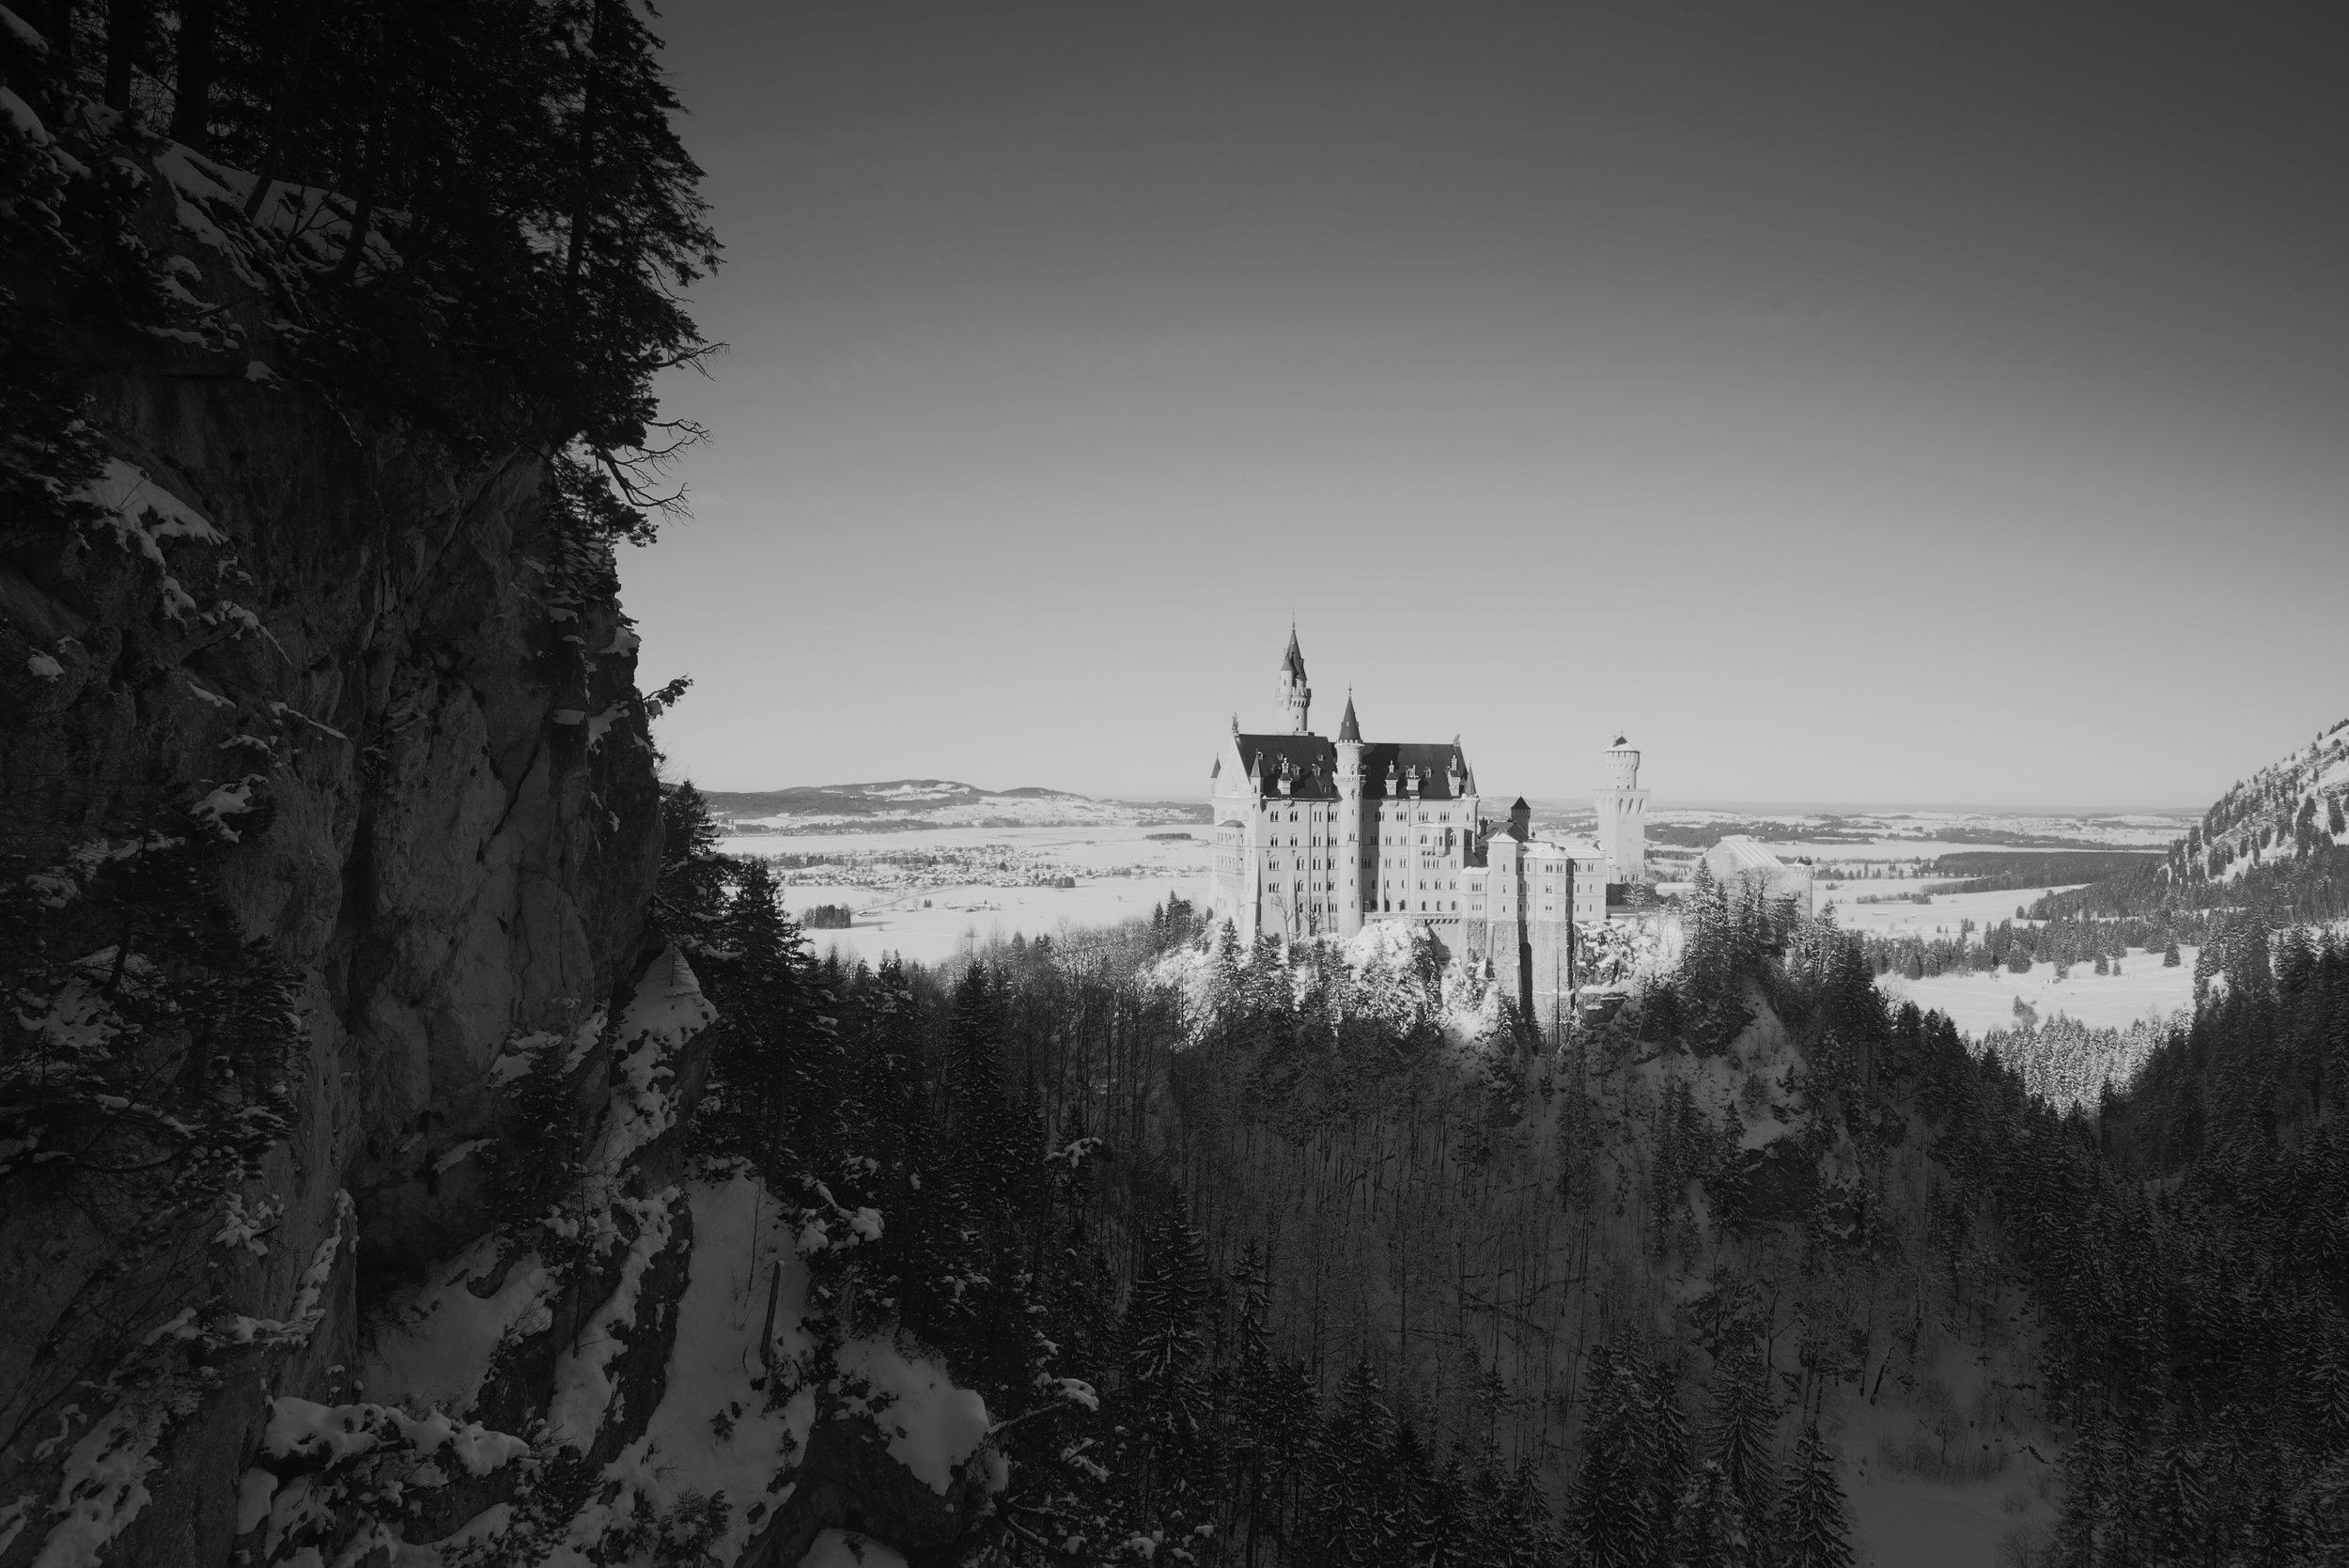 Neuschwanstein castle in black and white.